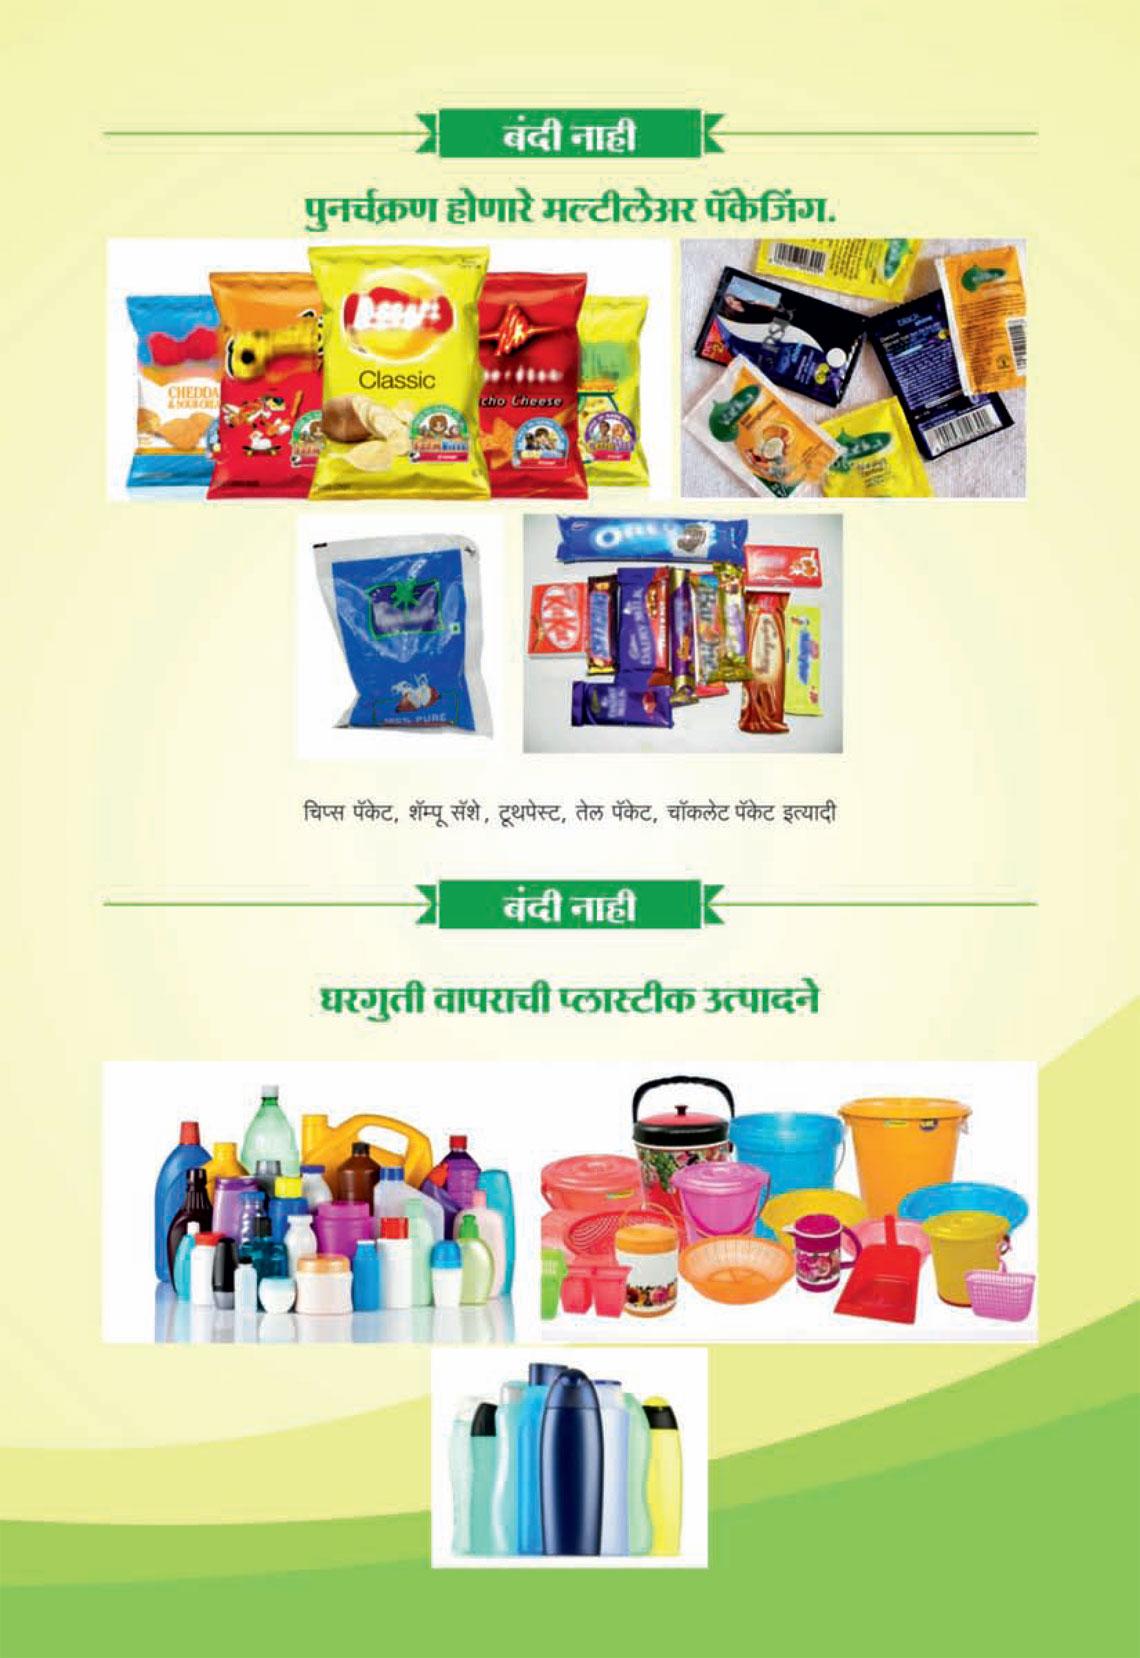 plastic-ban--brochure-9